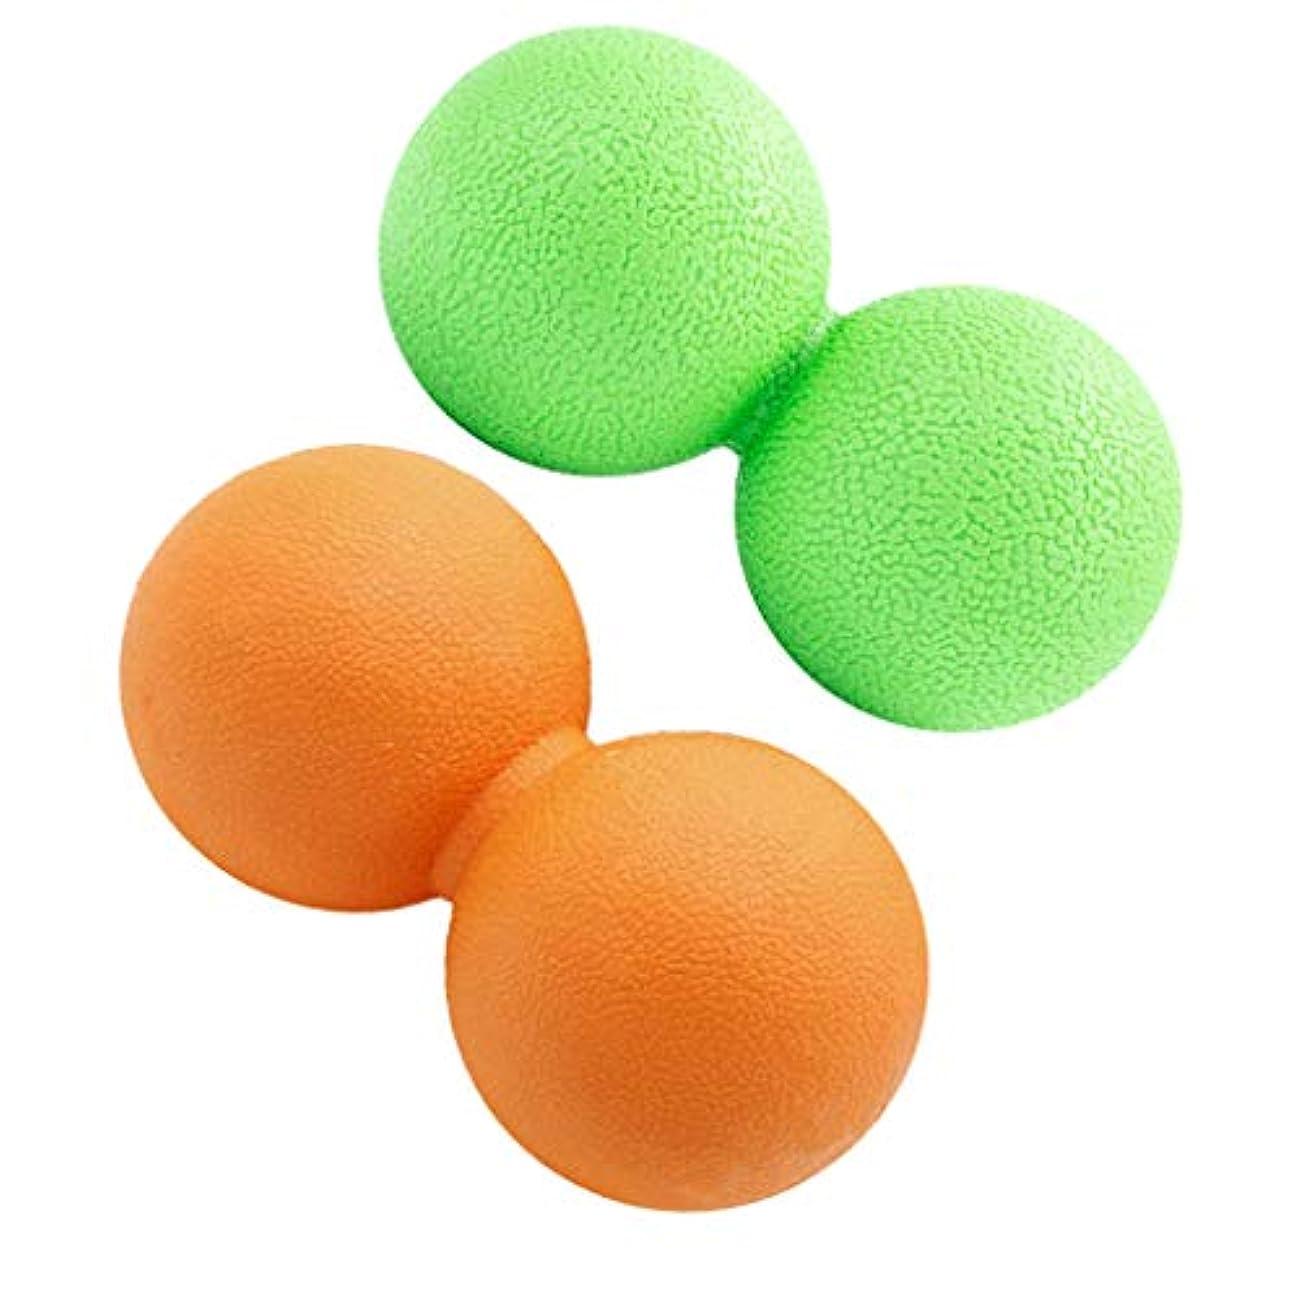 裁定ハロウィン進行中2個 マッサージボール ピーナッツ 疲れ解消ボール トリガーポイント 筋膜リリース ツボ押しグッズ